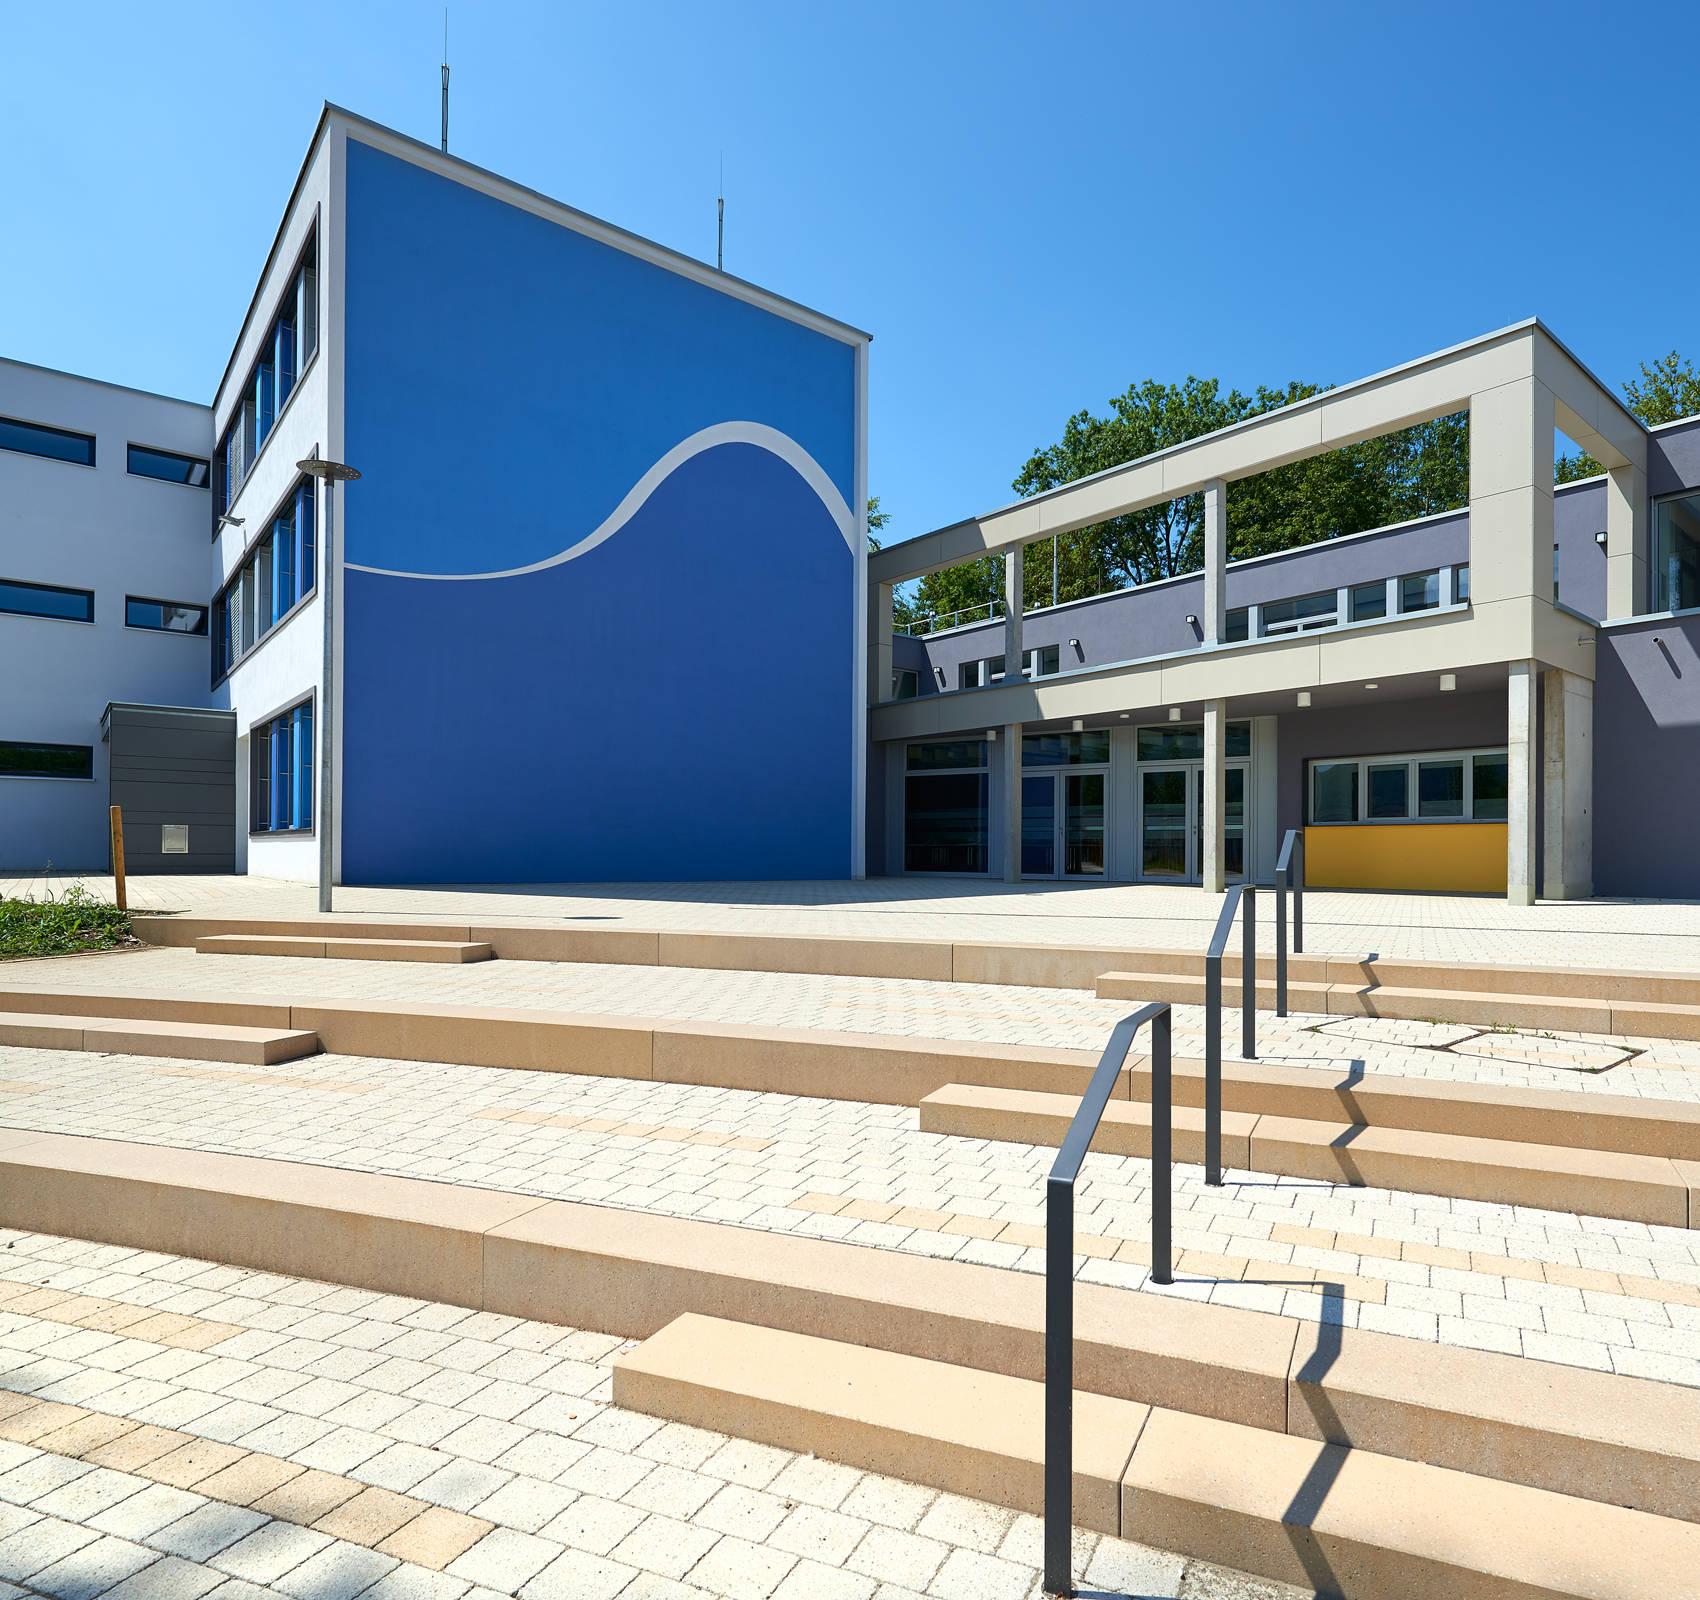 Achalmschule_Eningen_Pro1_1700x1600